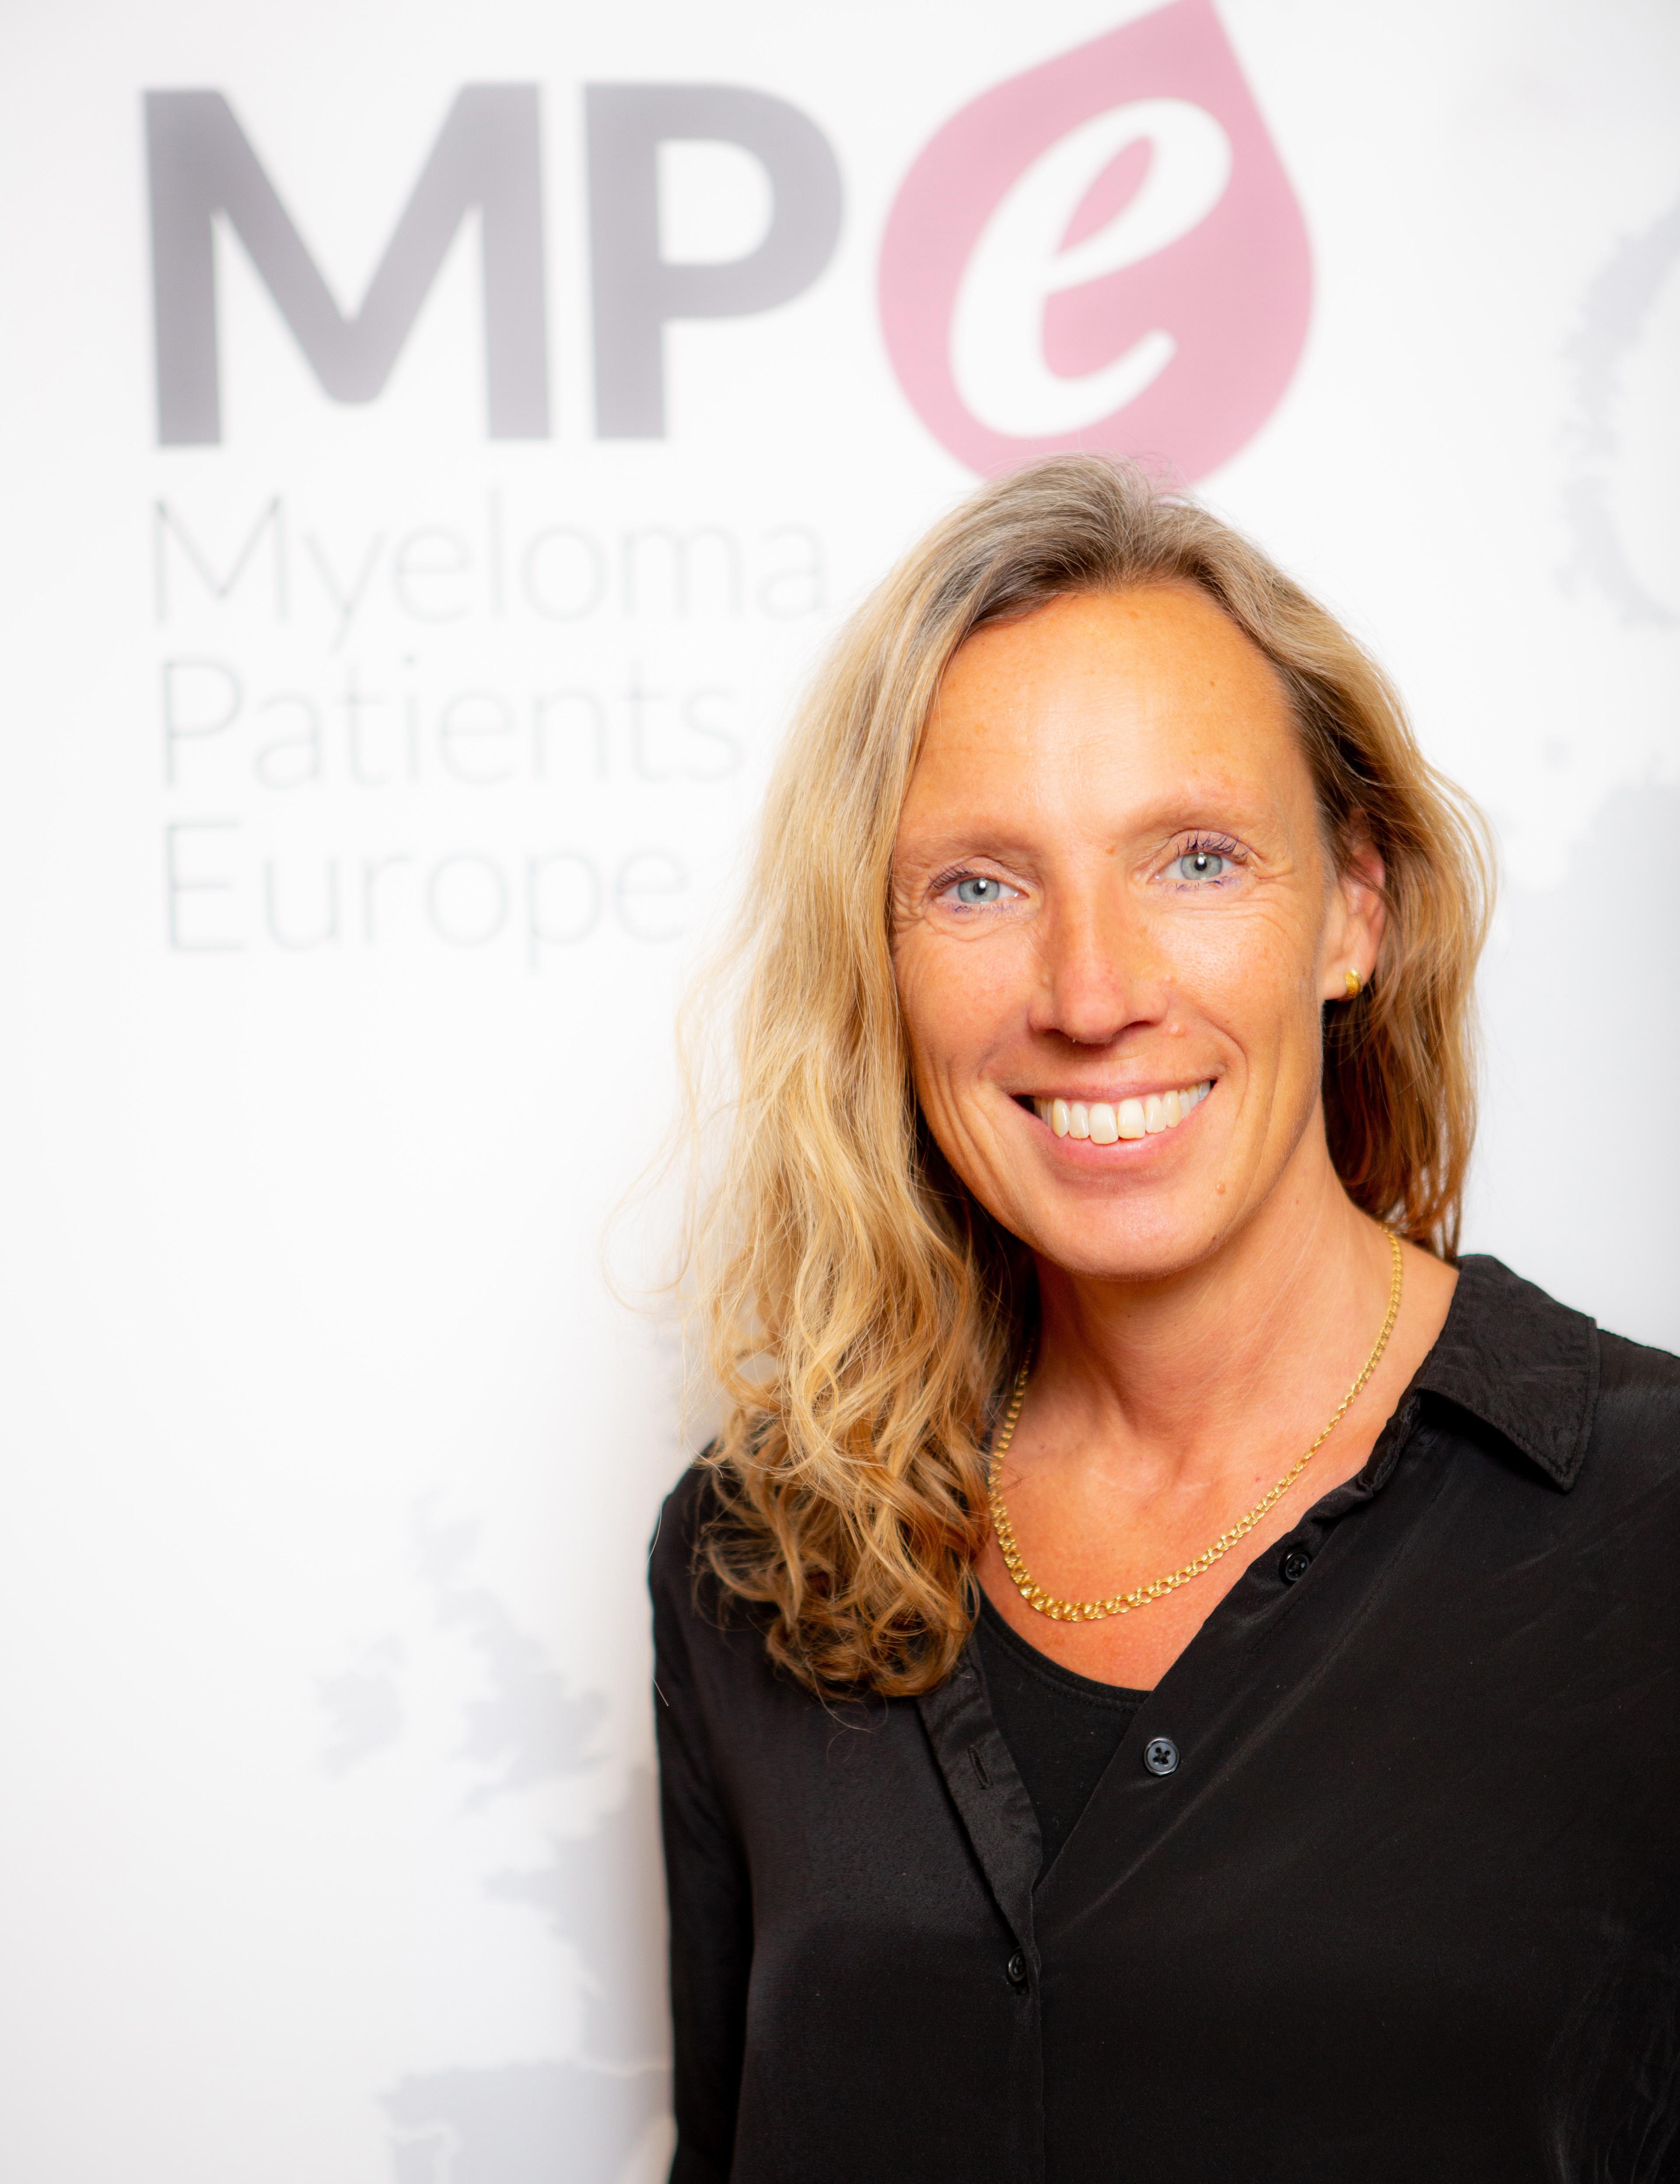 Lise-Lott Eriksson